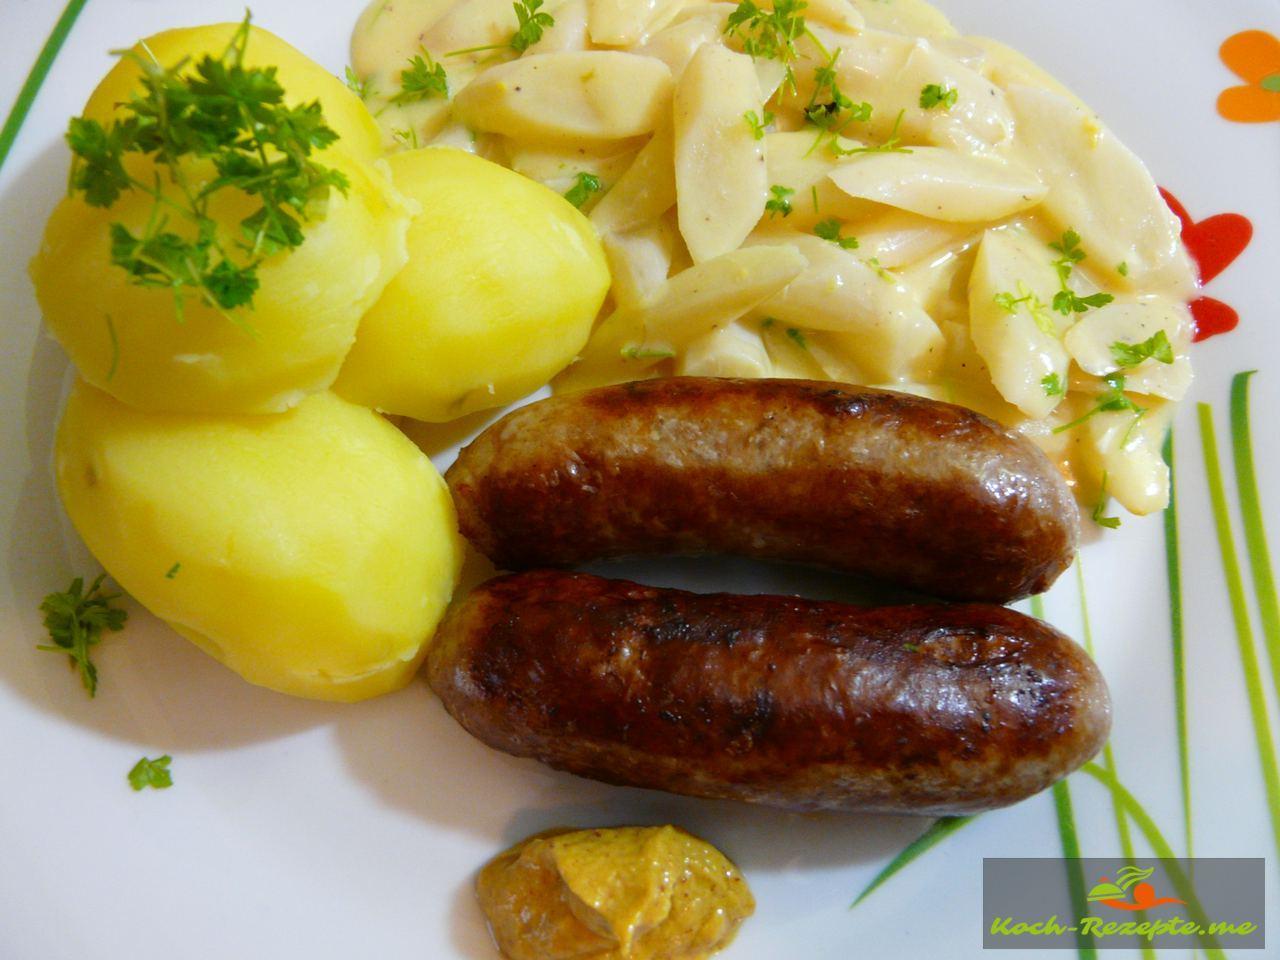 Schwarzwurzel in leichter -Petersilien-Senfsauce Salzkartoffeln und Bratwurst raffiniert und lecker